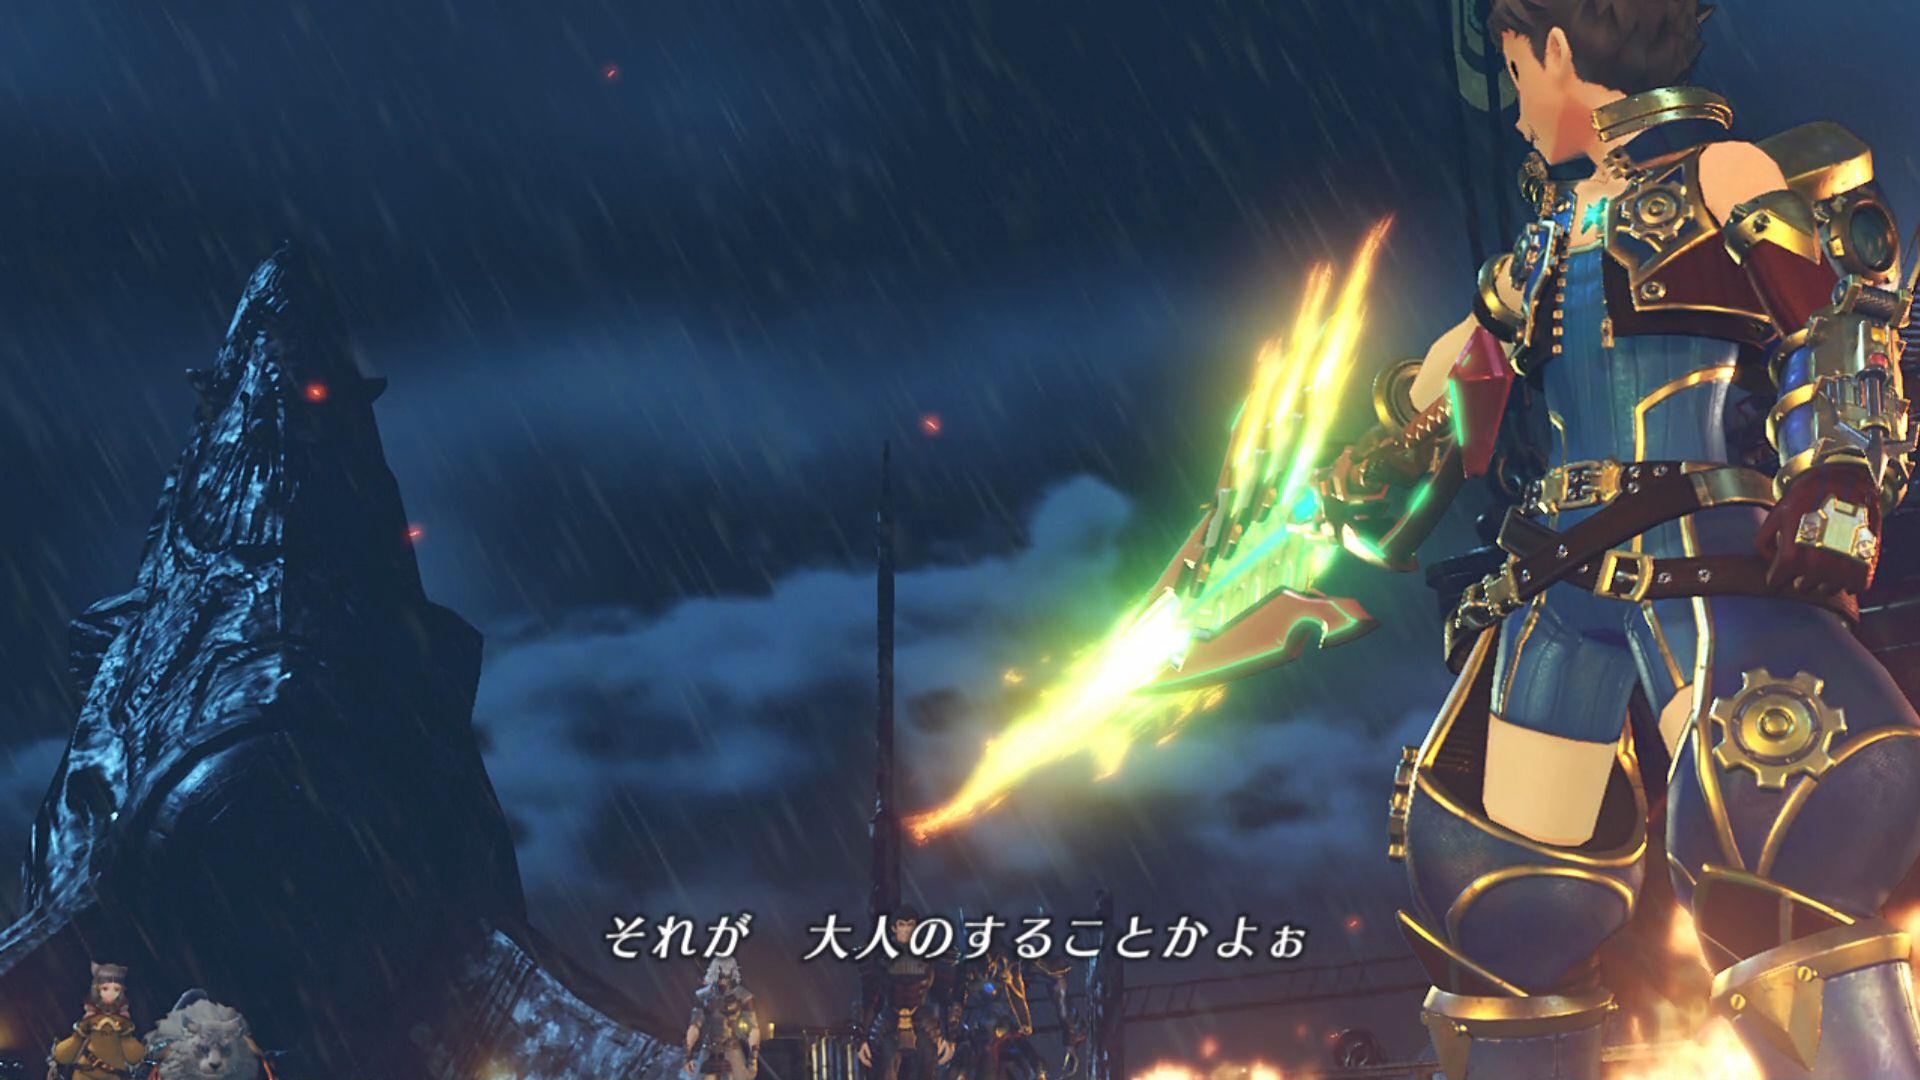 Magie a mechanická vylepšení v příběhovém traileru ke Xenoblade Chronicles 2 153386